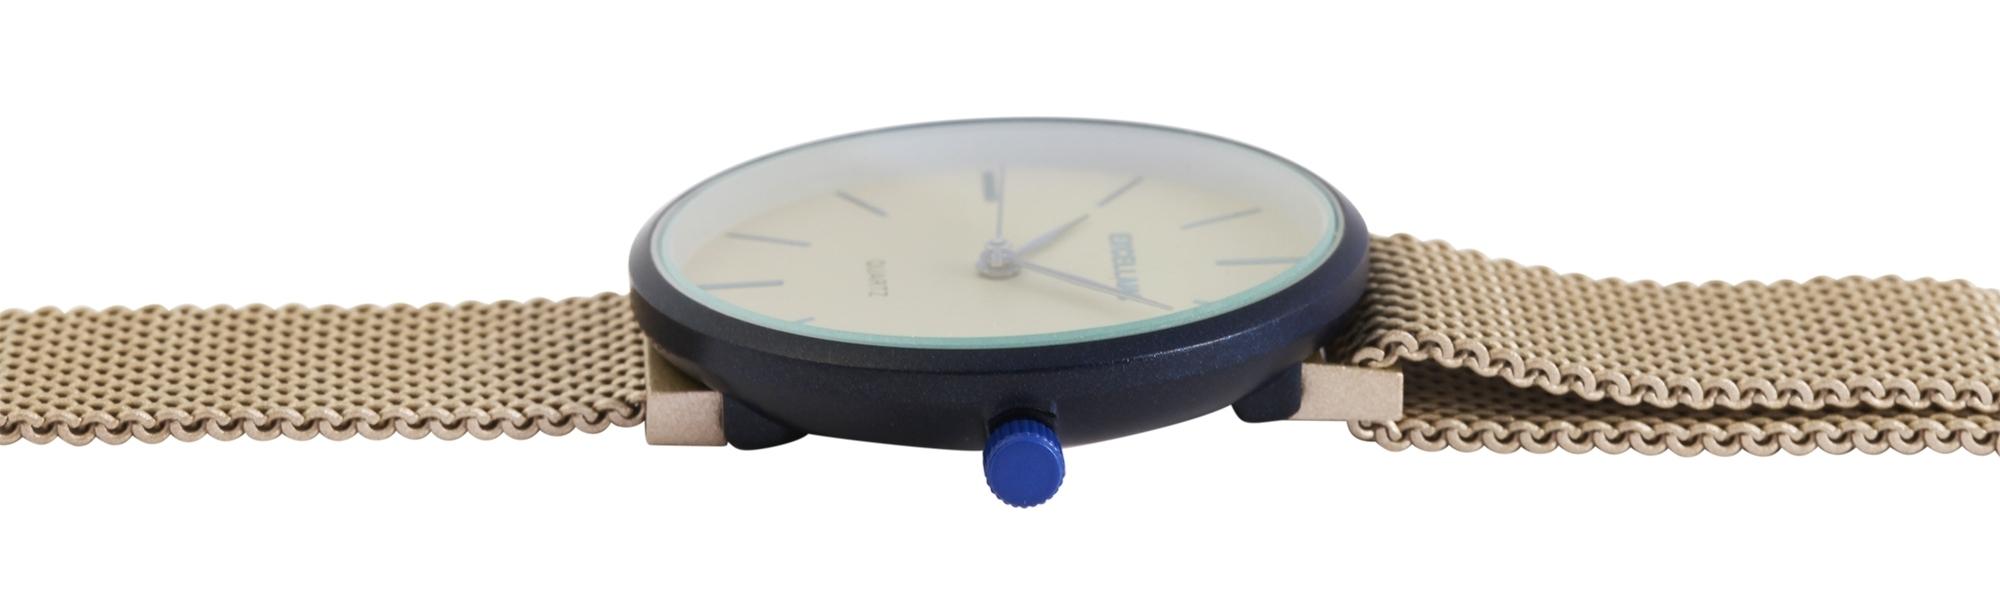 excellanc-armbanduhr-1300033-002_2